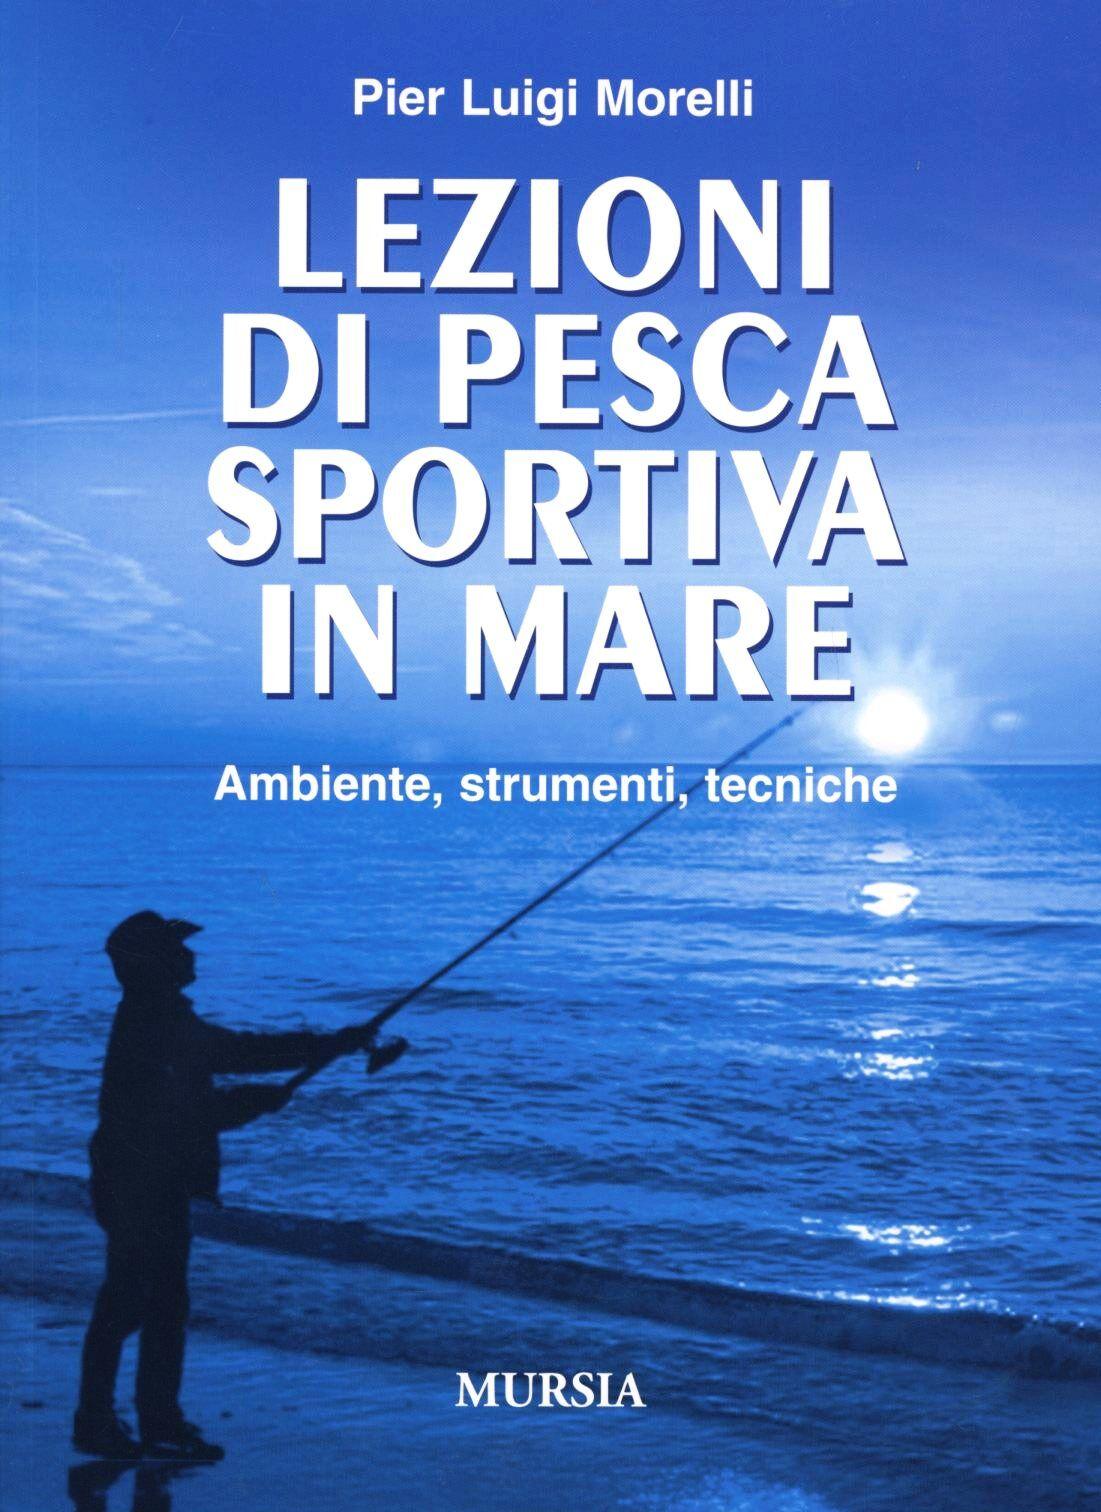 Lezioni di pesca sportiva in mare. Ambiente, strumenti, tecniche